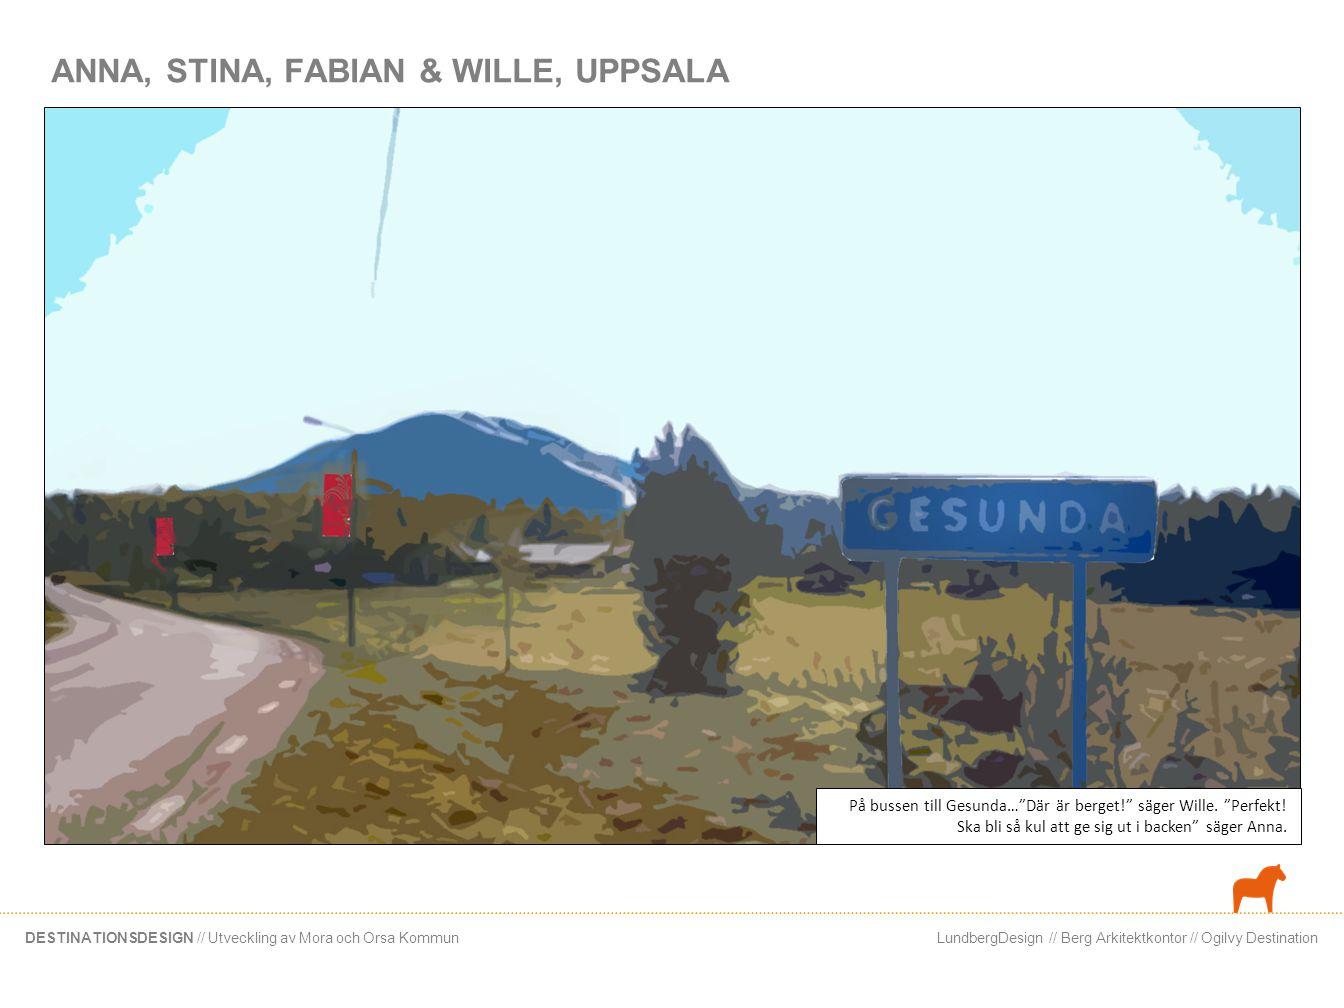 LundbergDesign // Berg Arkitektkontor // Ogilvy DestinationDESTINATIONSDESIGN // Utveckling av Mora och Orsa Kommun ANNA, STINA, FABIAN & WILLE, UPPSA